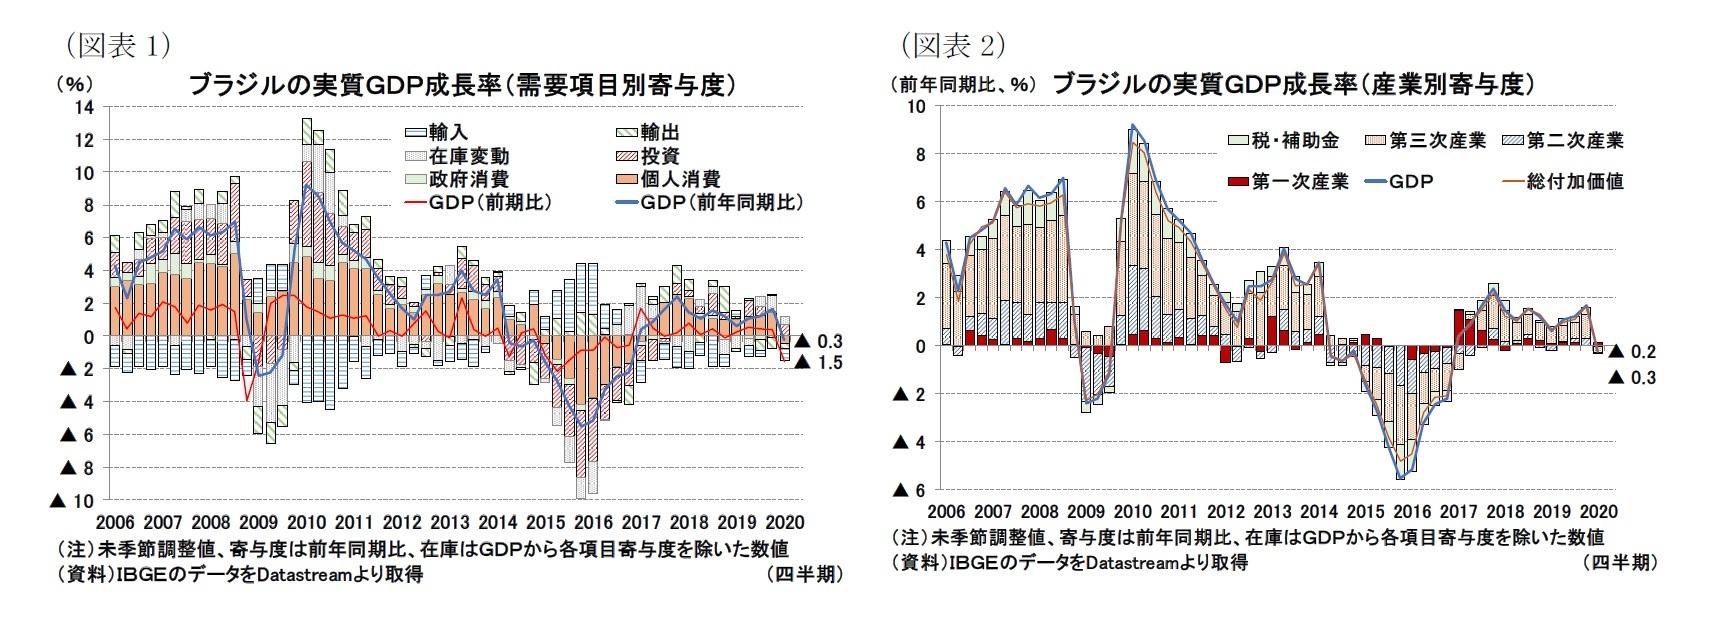 (図表1)ブラジルの実質GDP成長率(需要項目別寄与度)/(図表2)